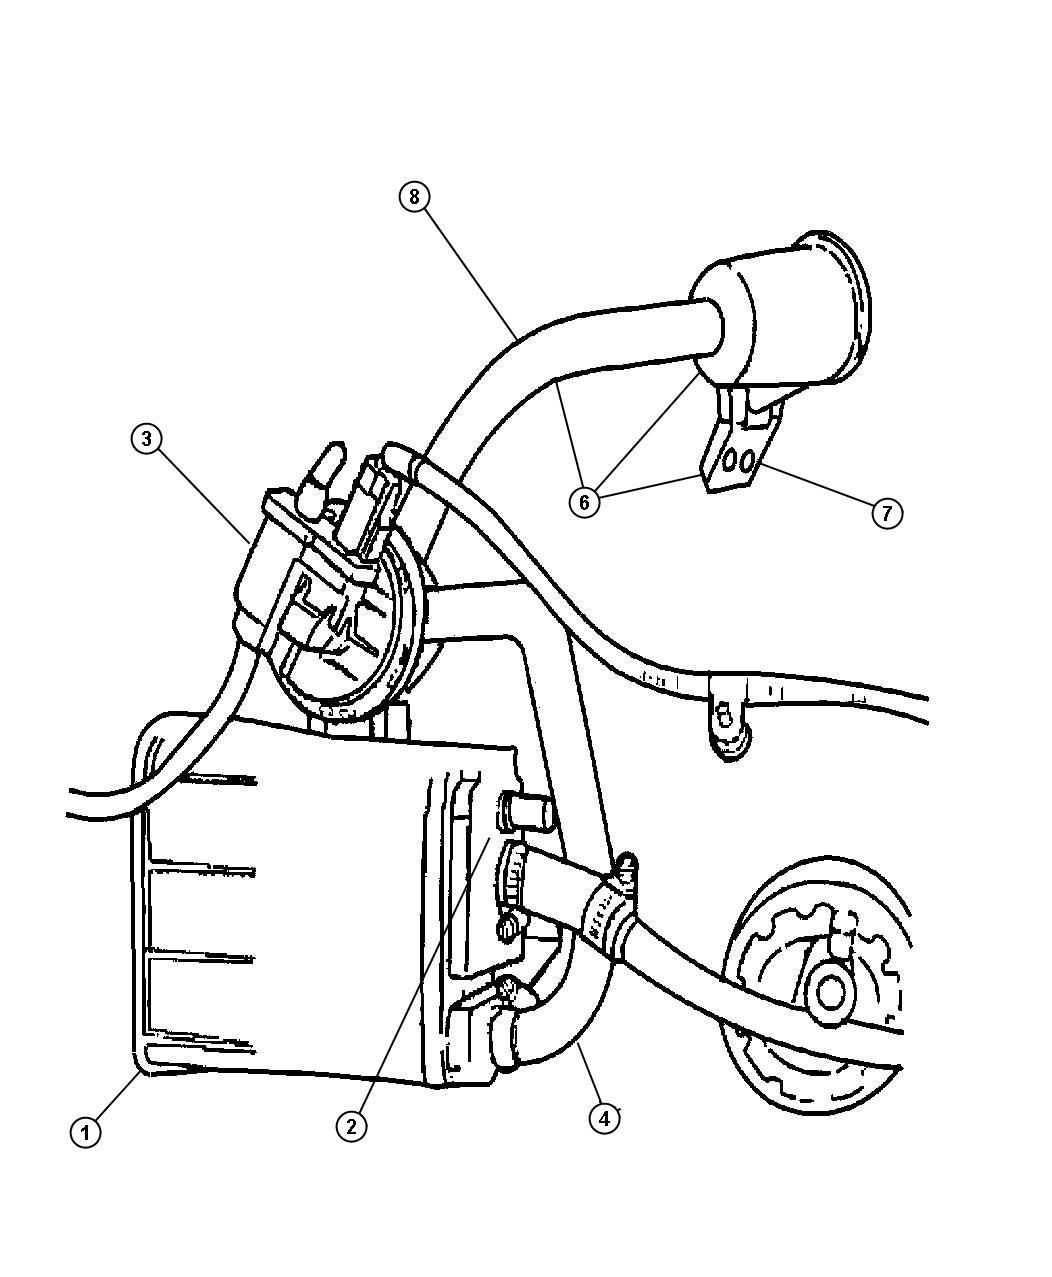 dodge charger canister  vapor  emissions  state  pump